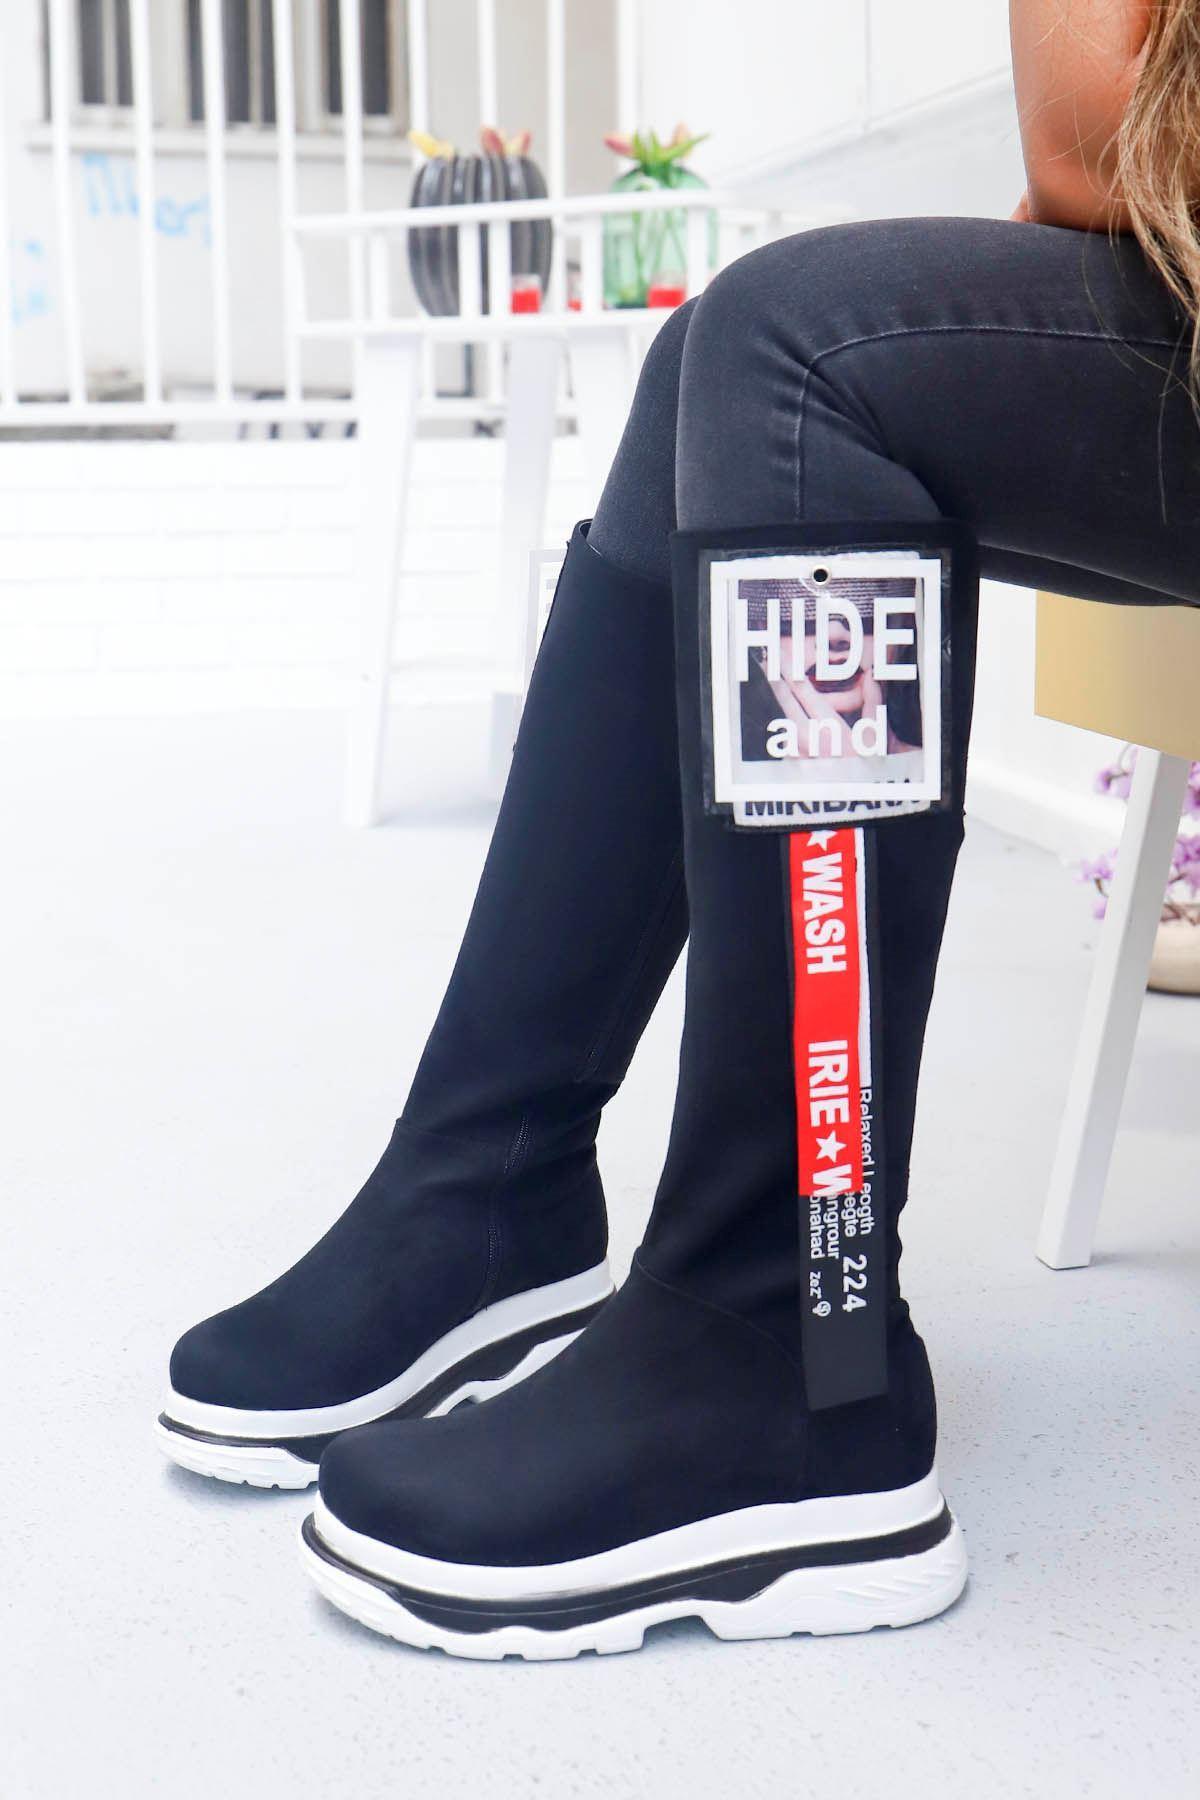 mami-Tarzın Diz Altı Çizme Siyah Süet